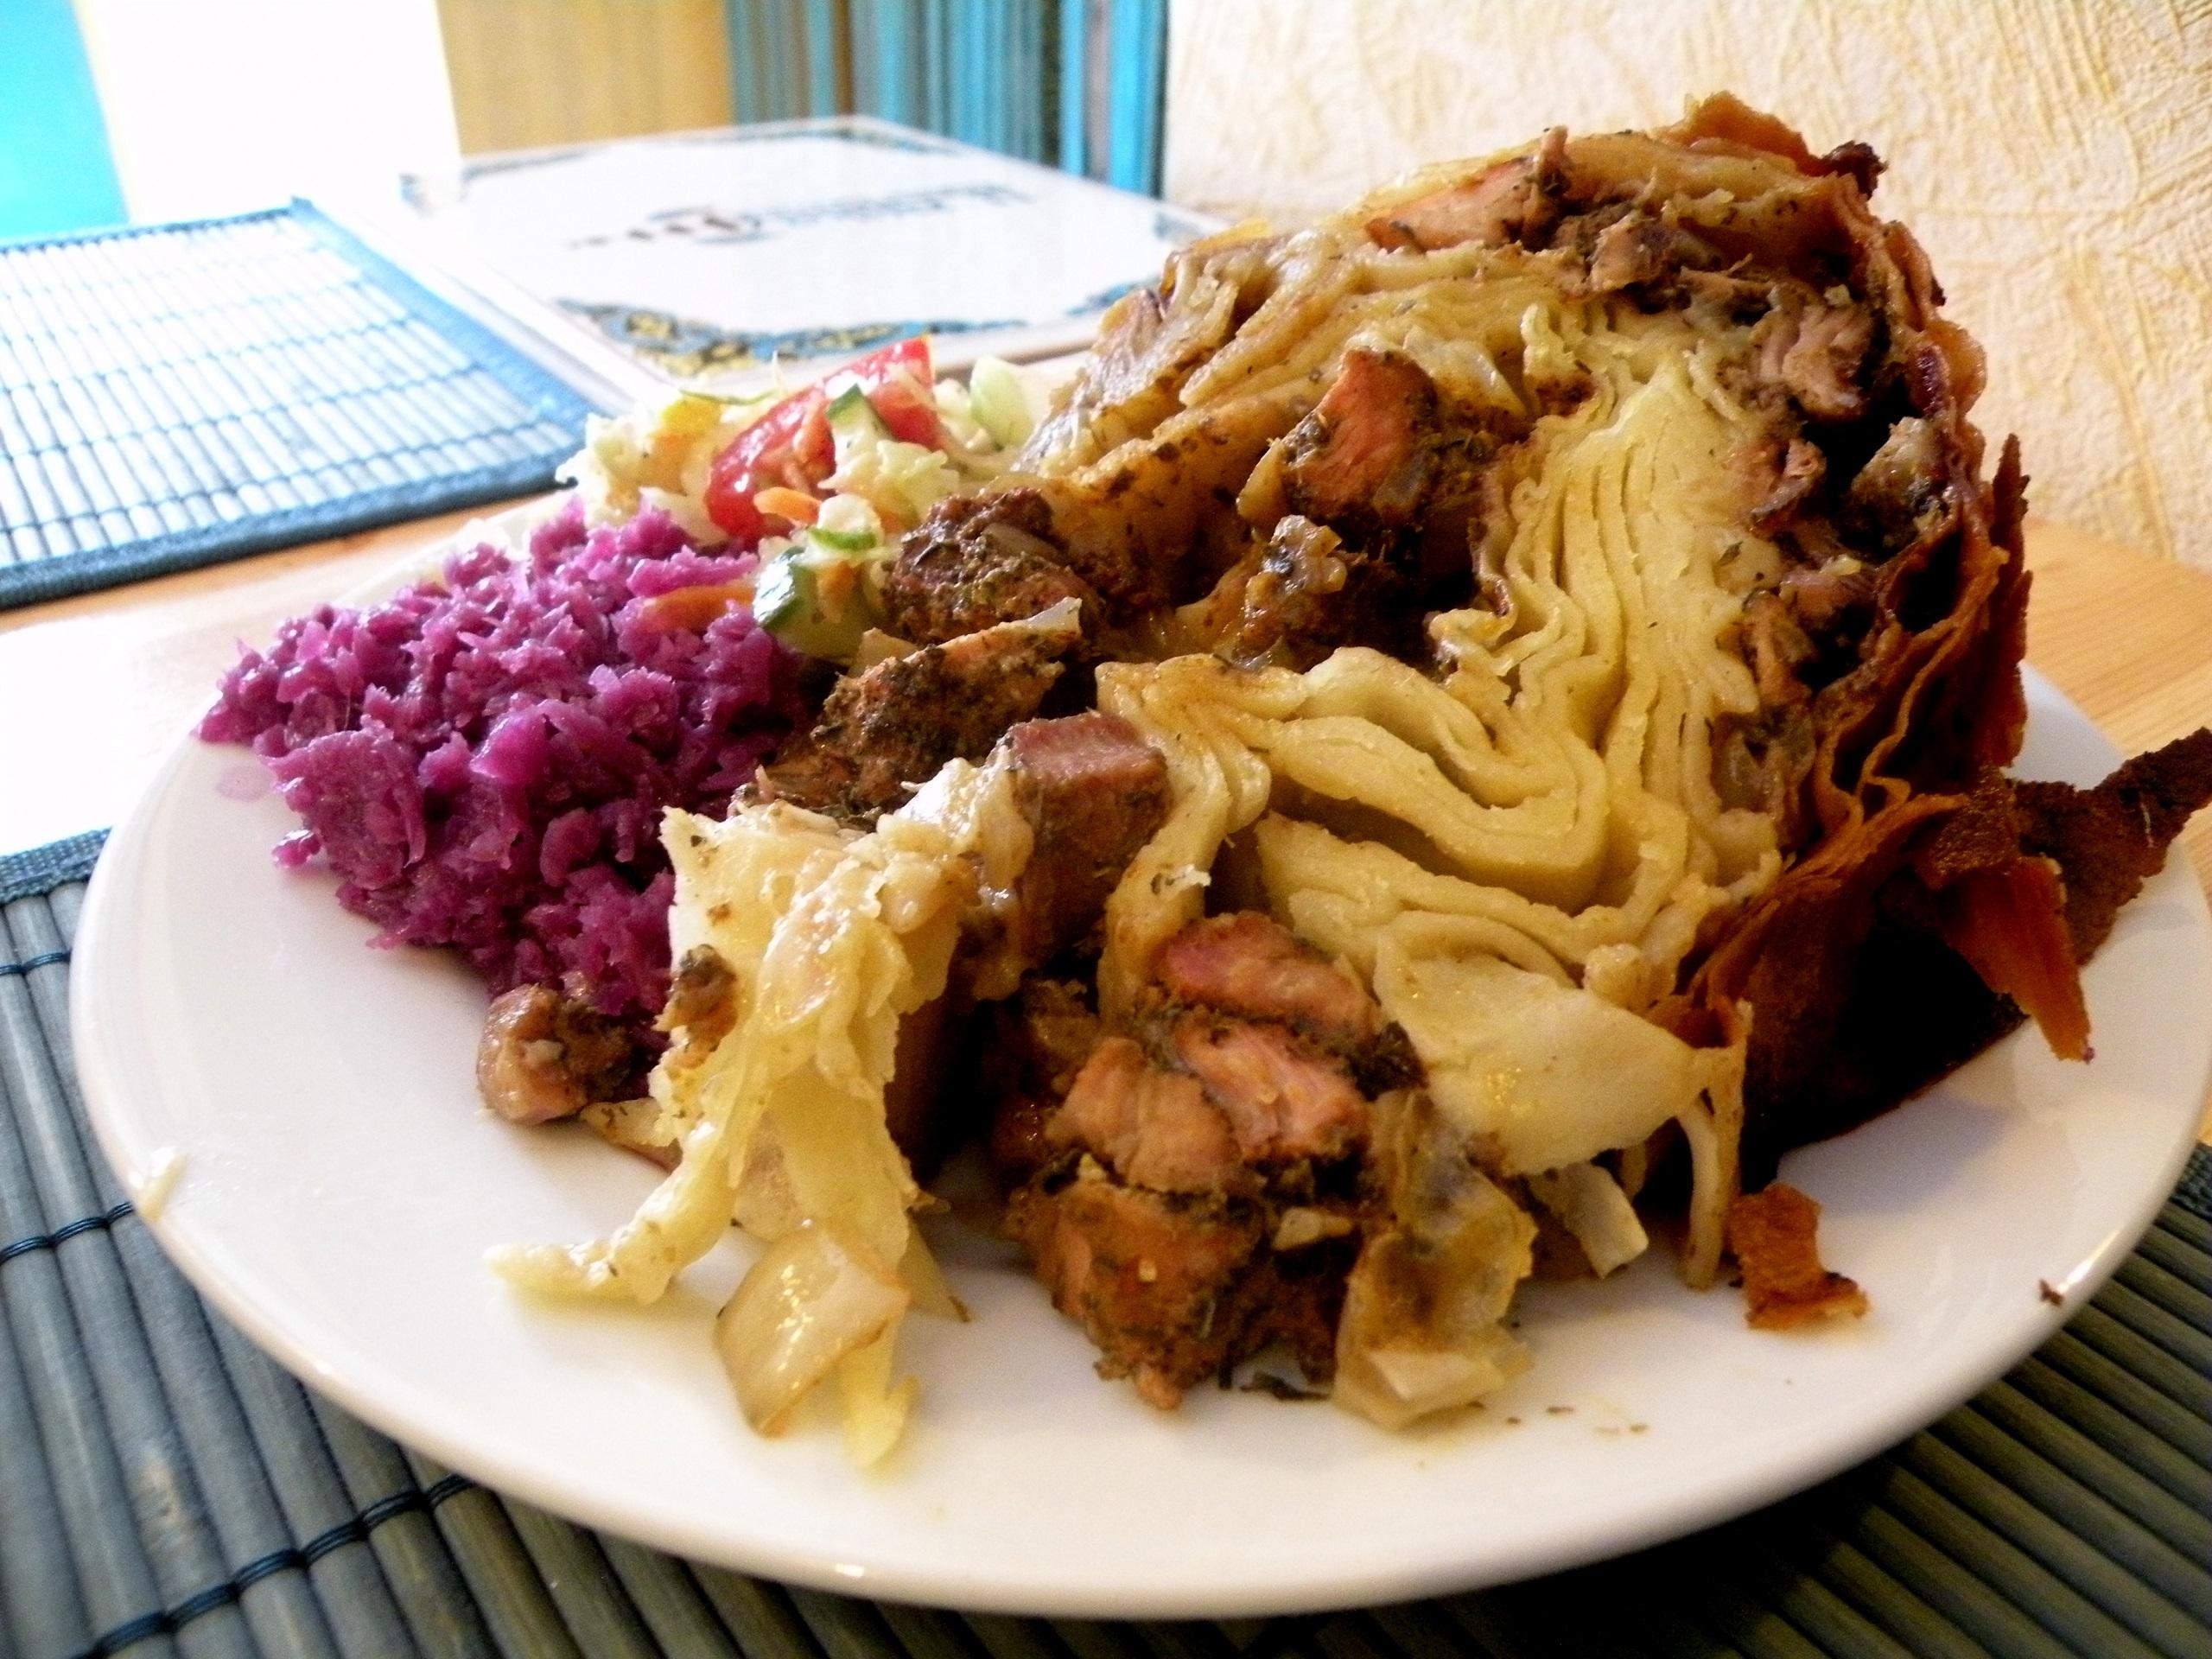 Stulistnik z mięsem - Kuchnia Tatarska u Alika